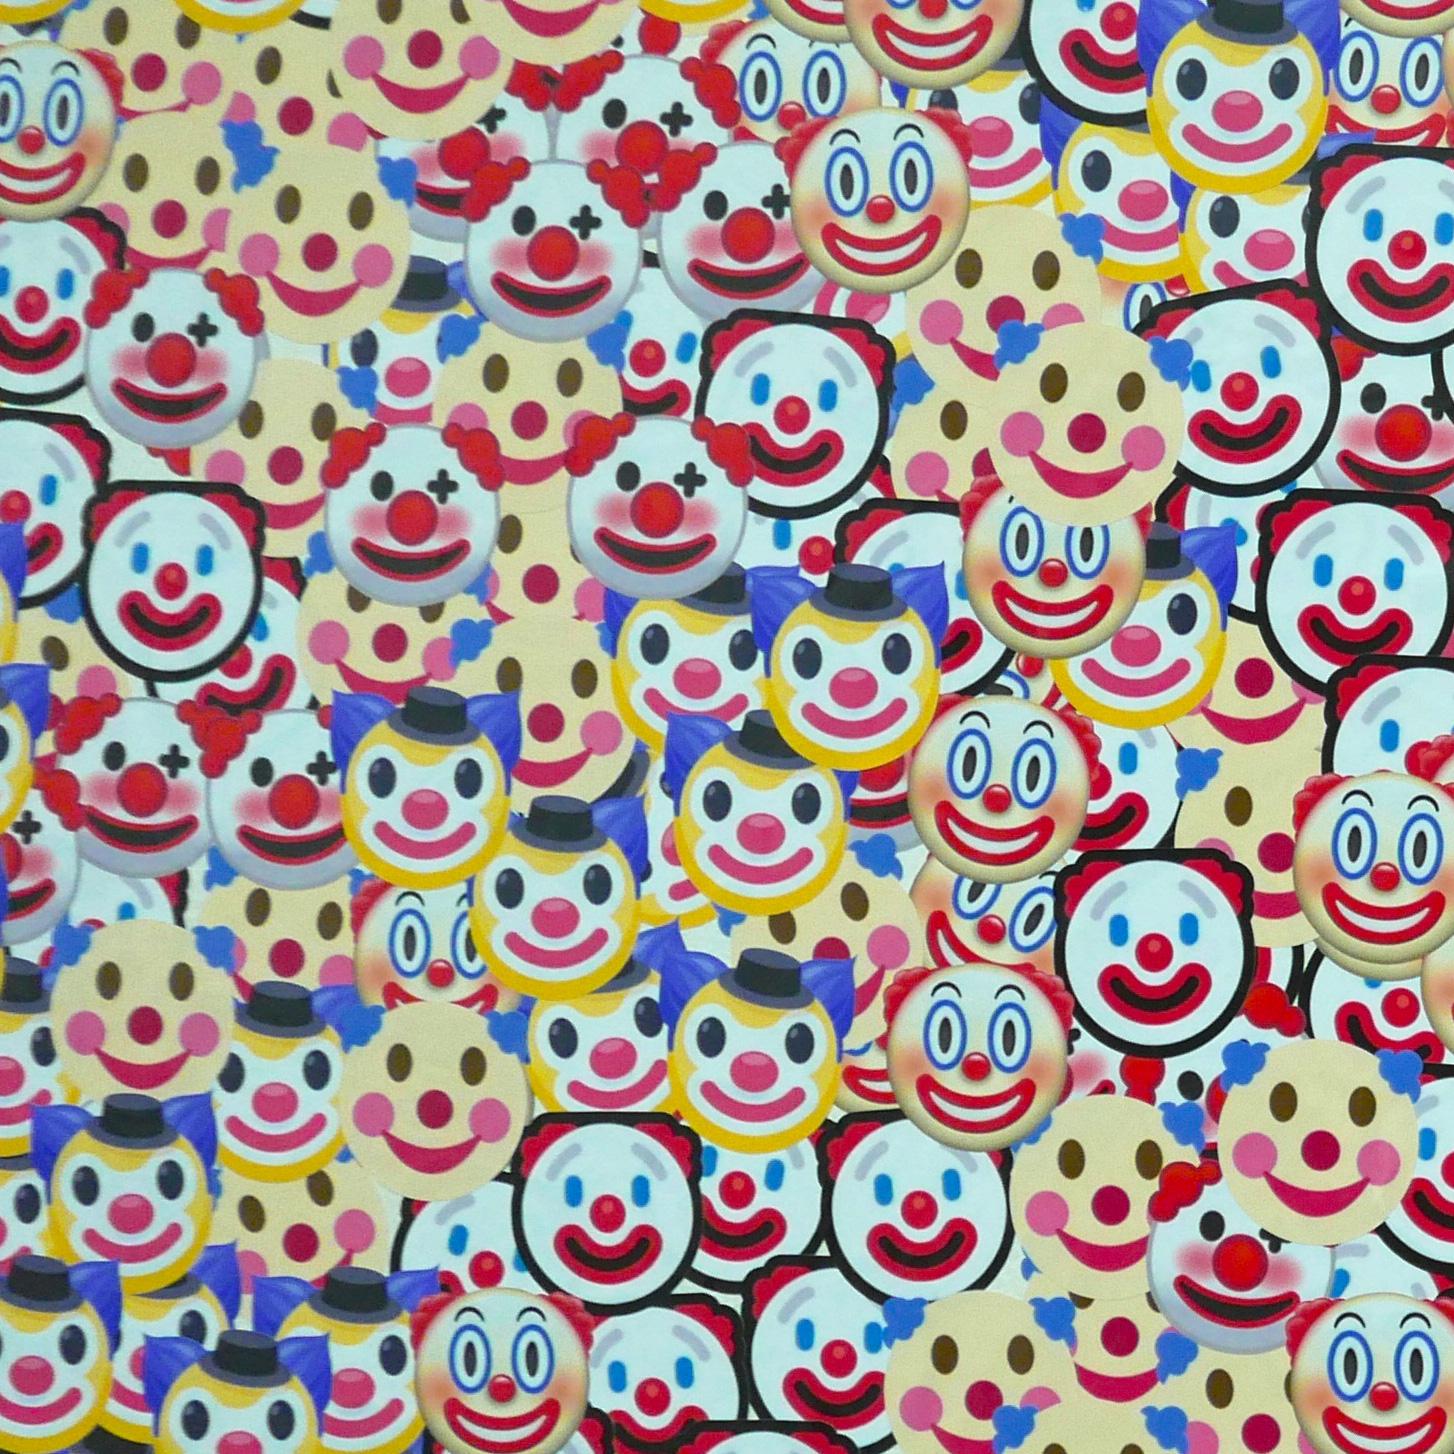 3000 Clowns, 2017